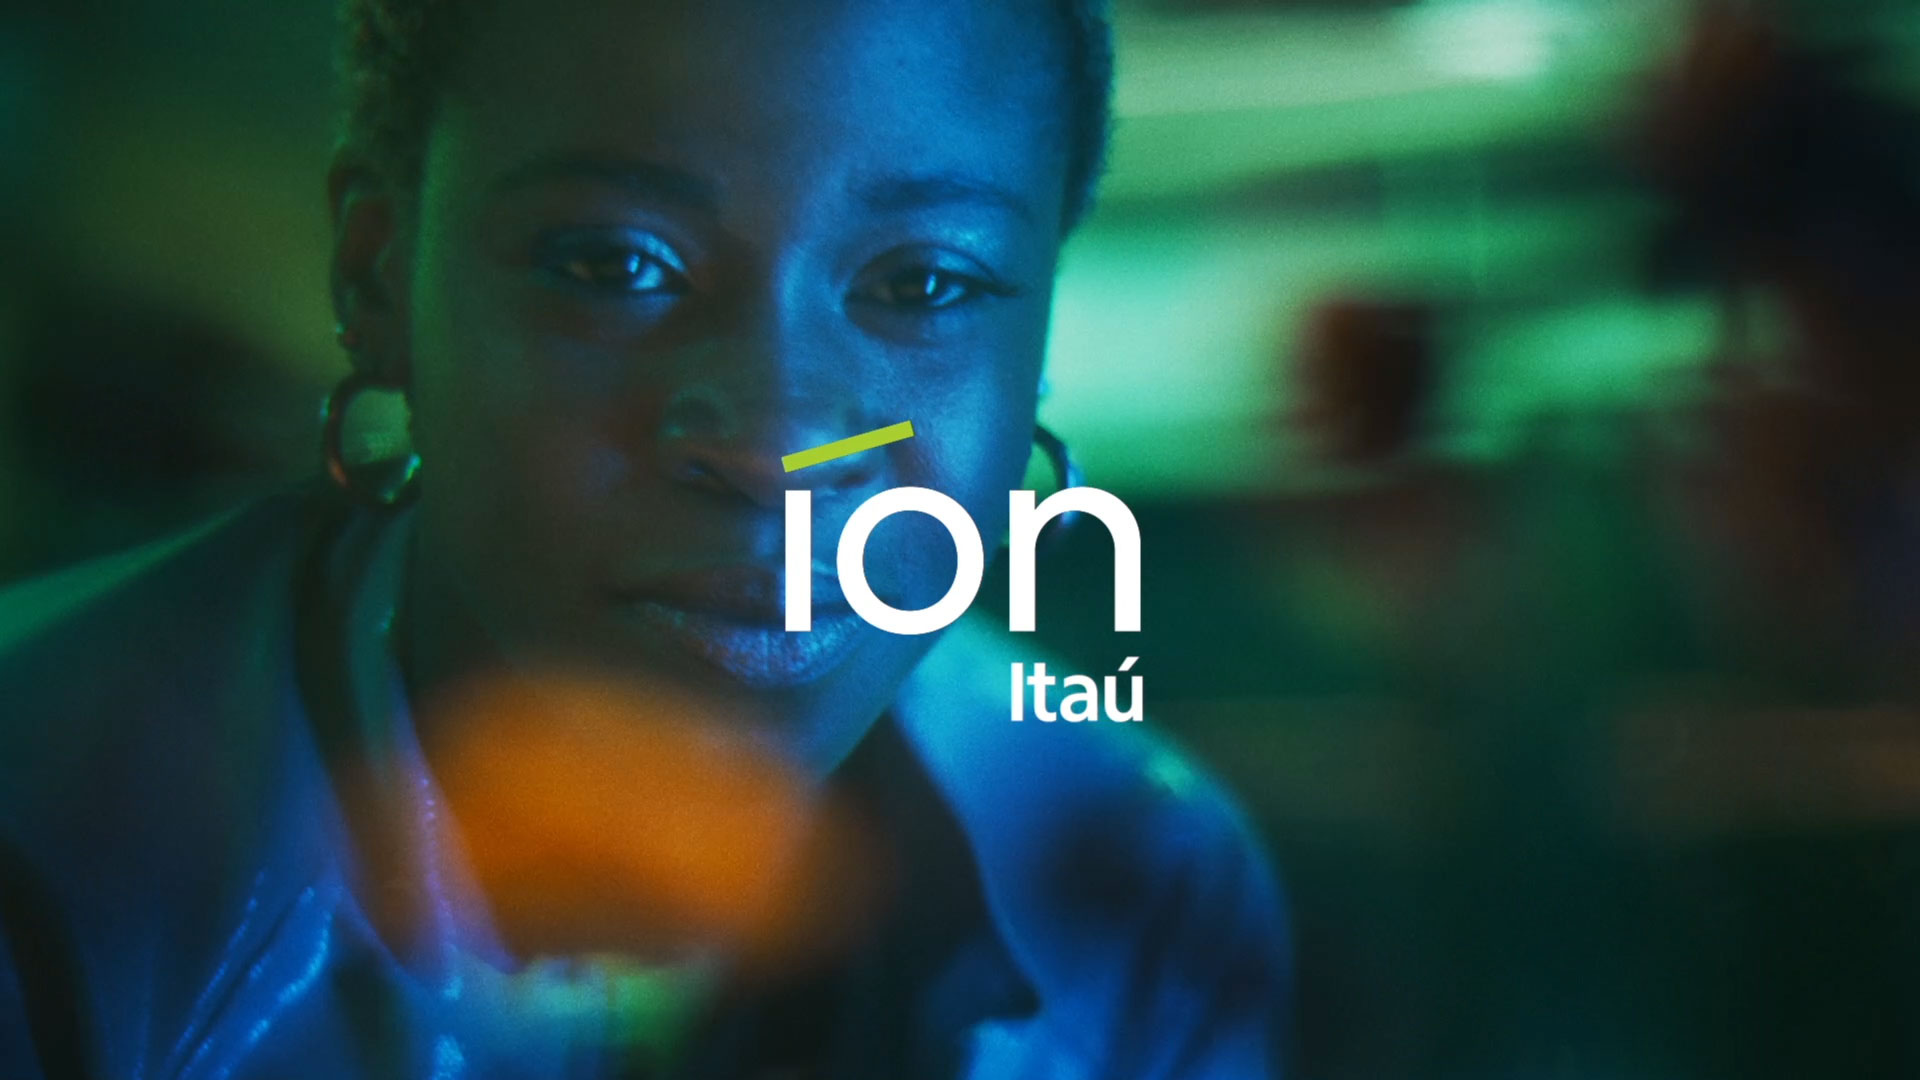 Íon Itaú – O poder de investir é seu